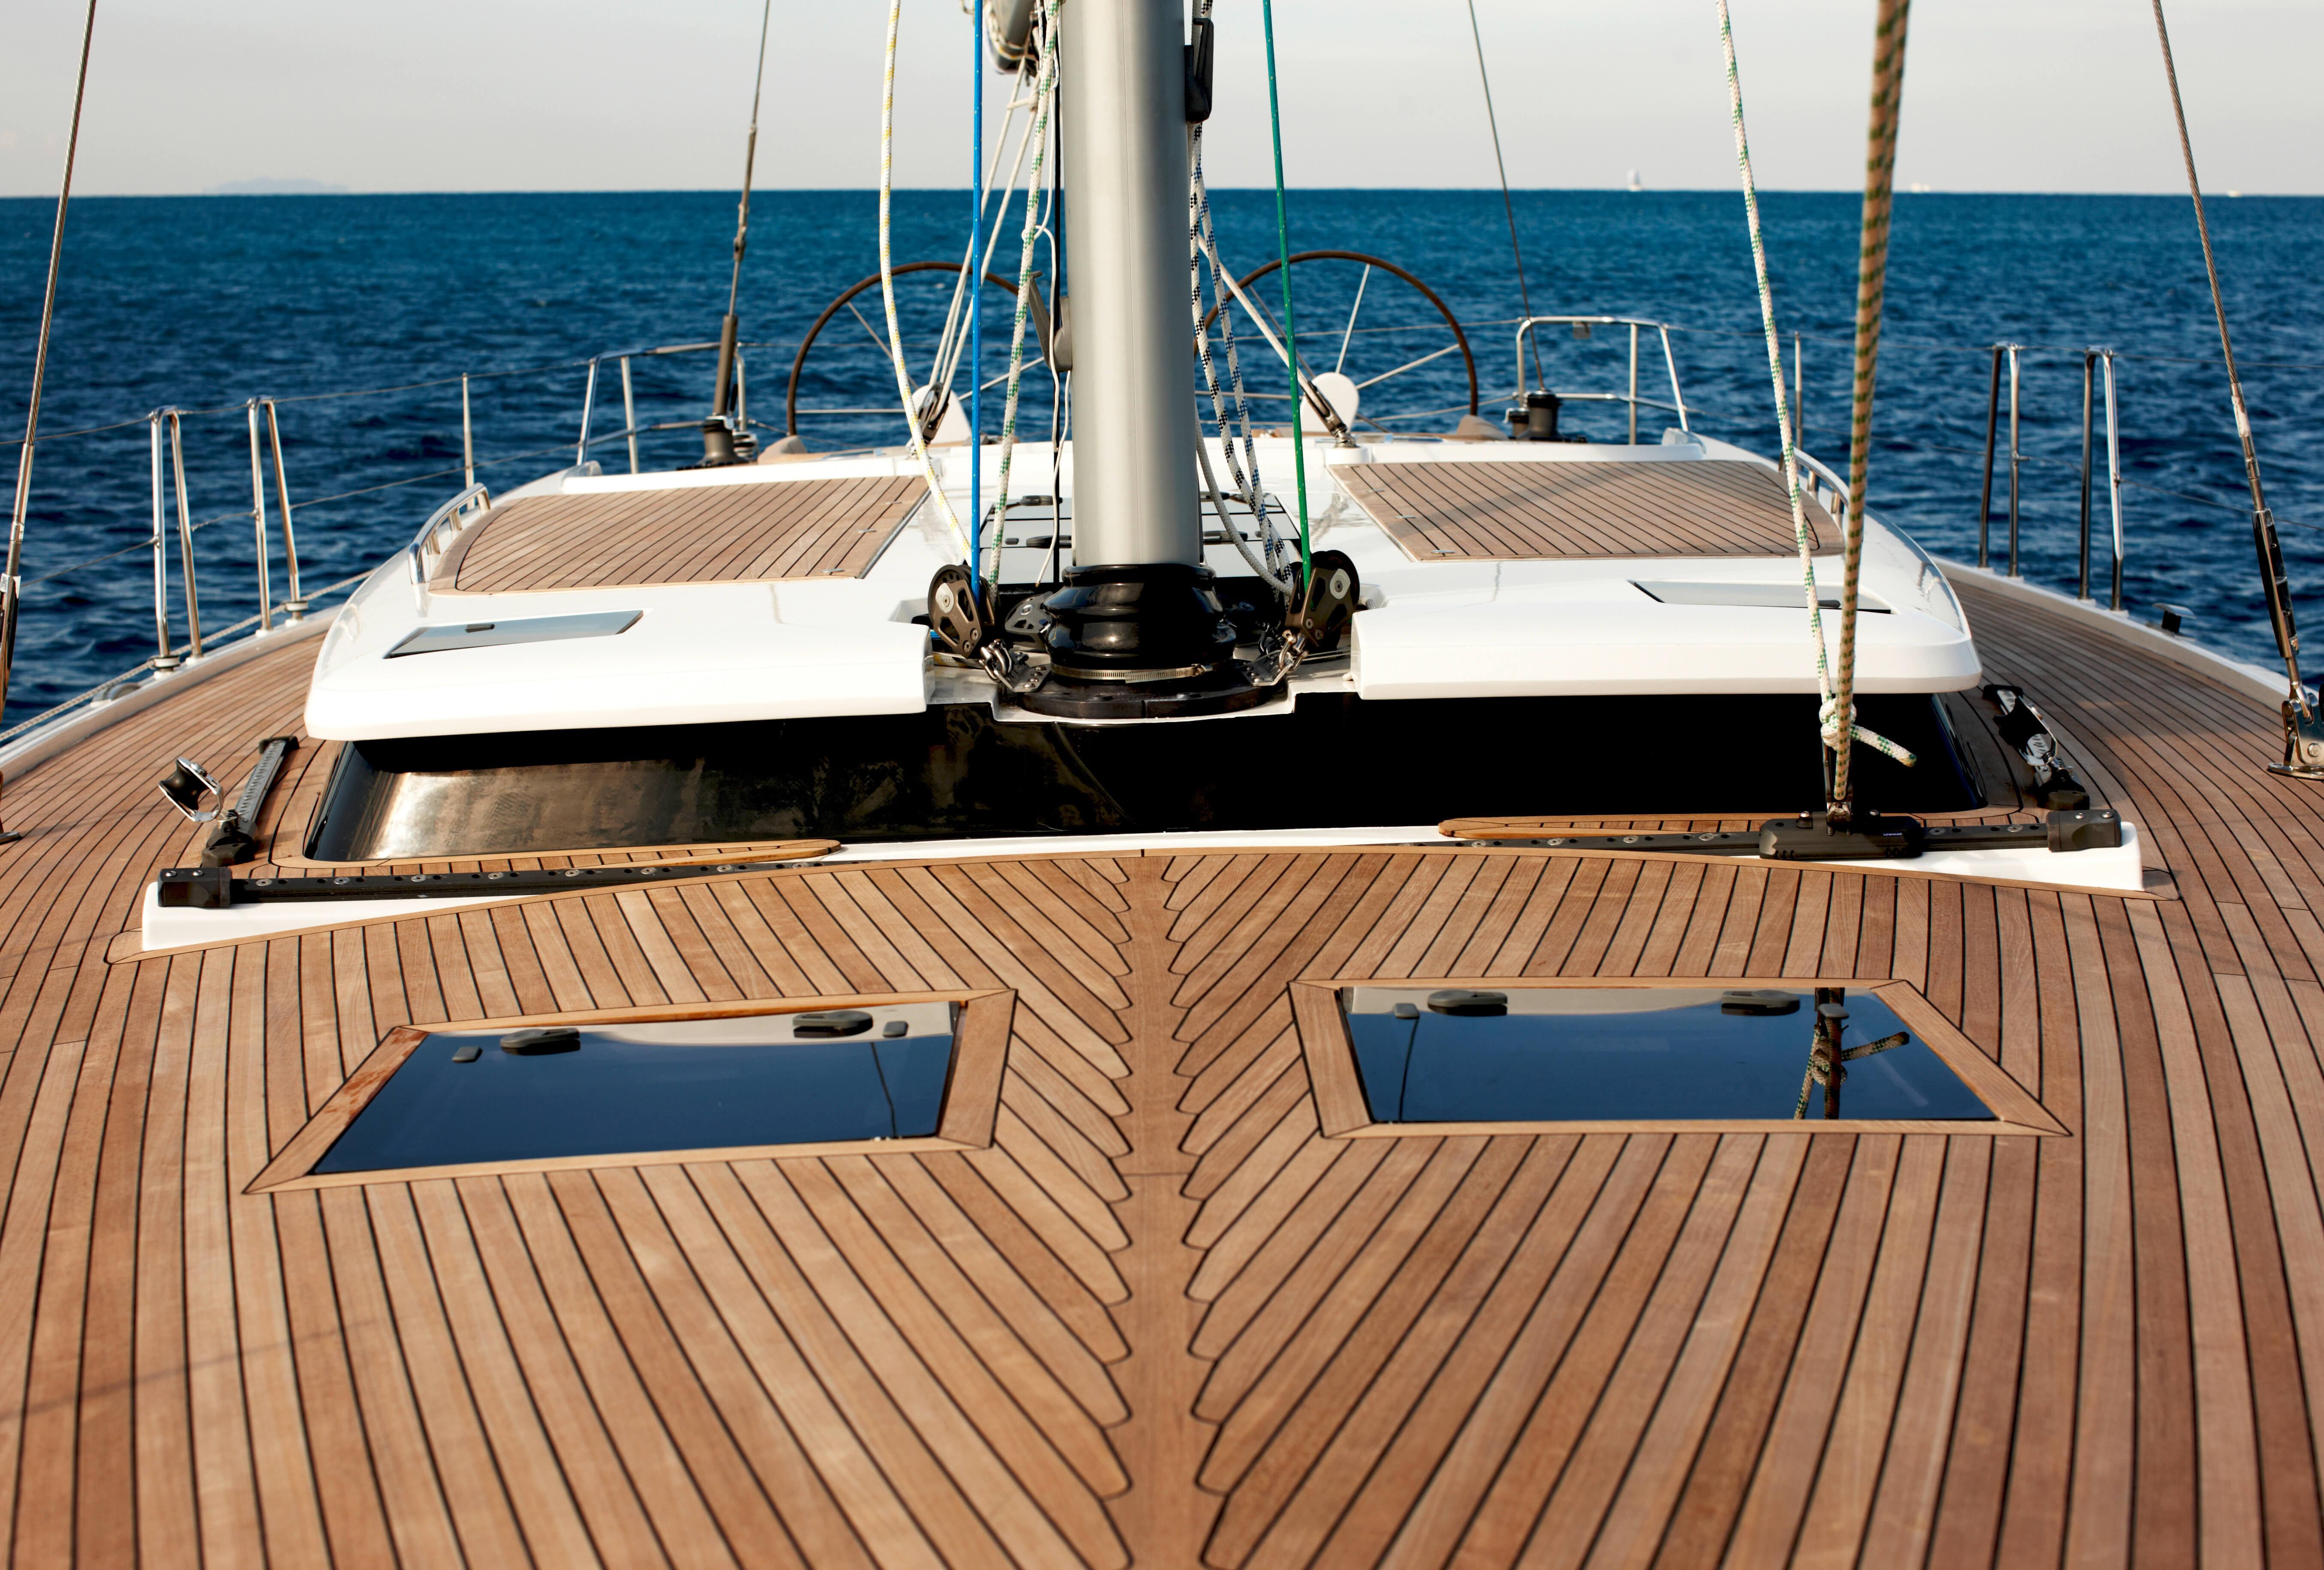 Hanse 545 Exterior at anchor   Hanse